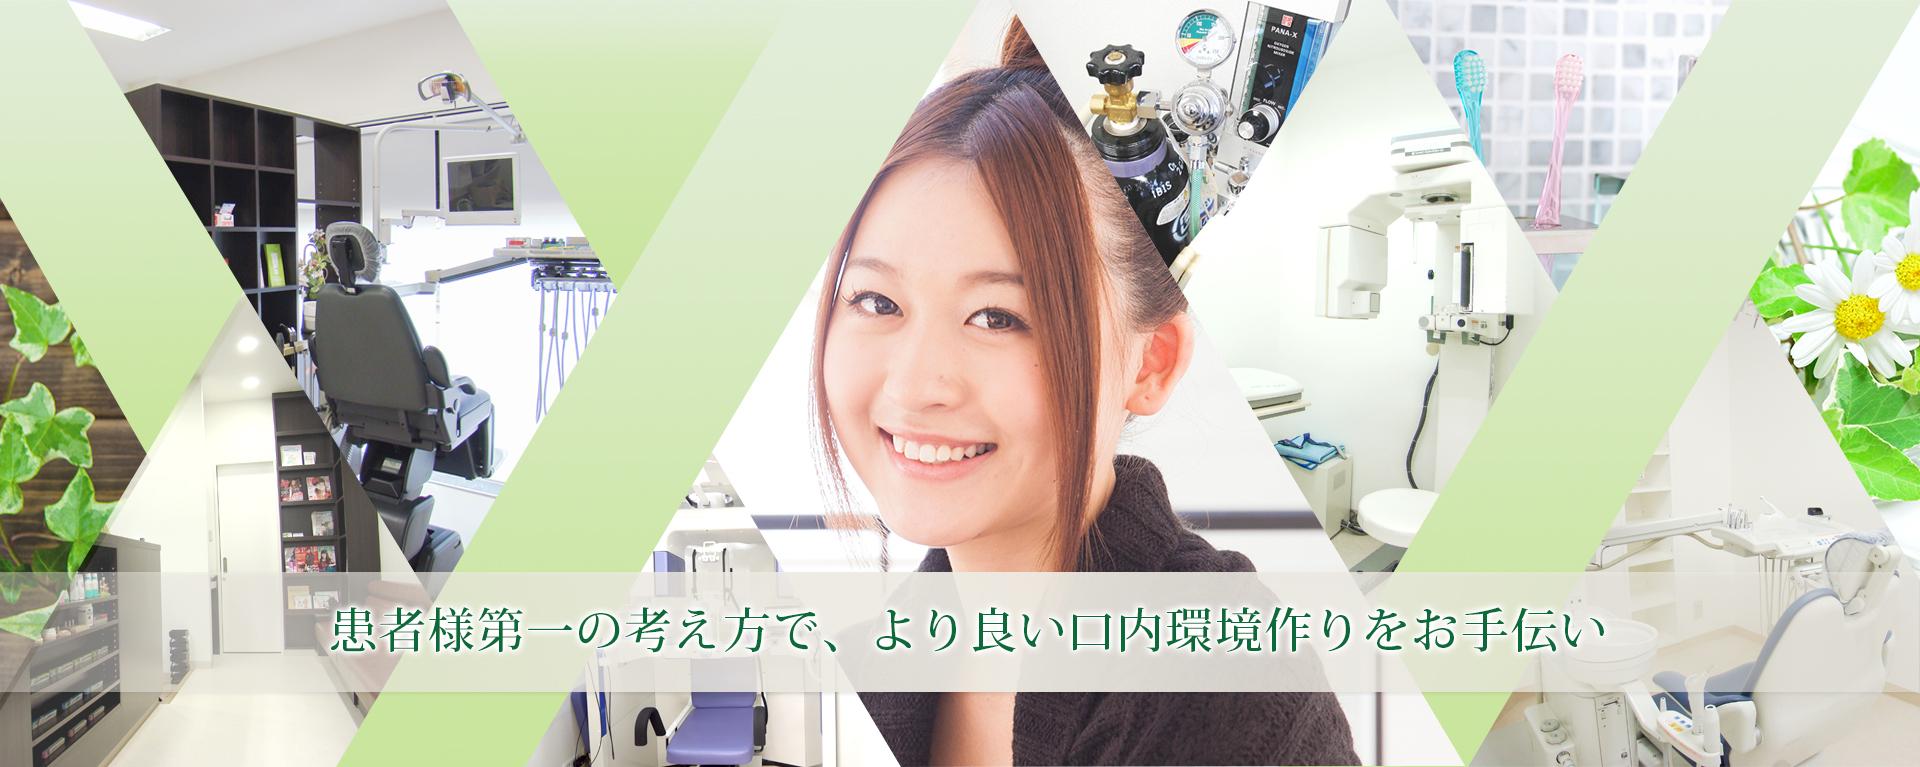 仙台市青葉区の歯科・歯医者 山村歯科医院です。患者様を第一に考える歯科医療で、より良い口内環境作りをお手伝いいたします。